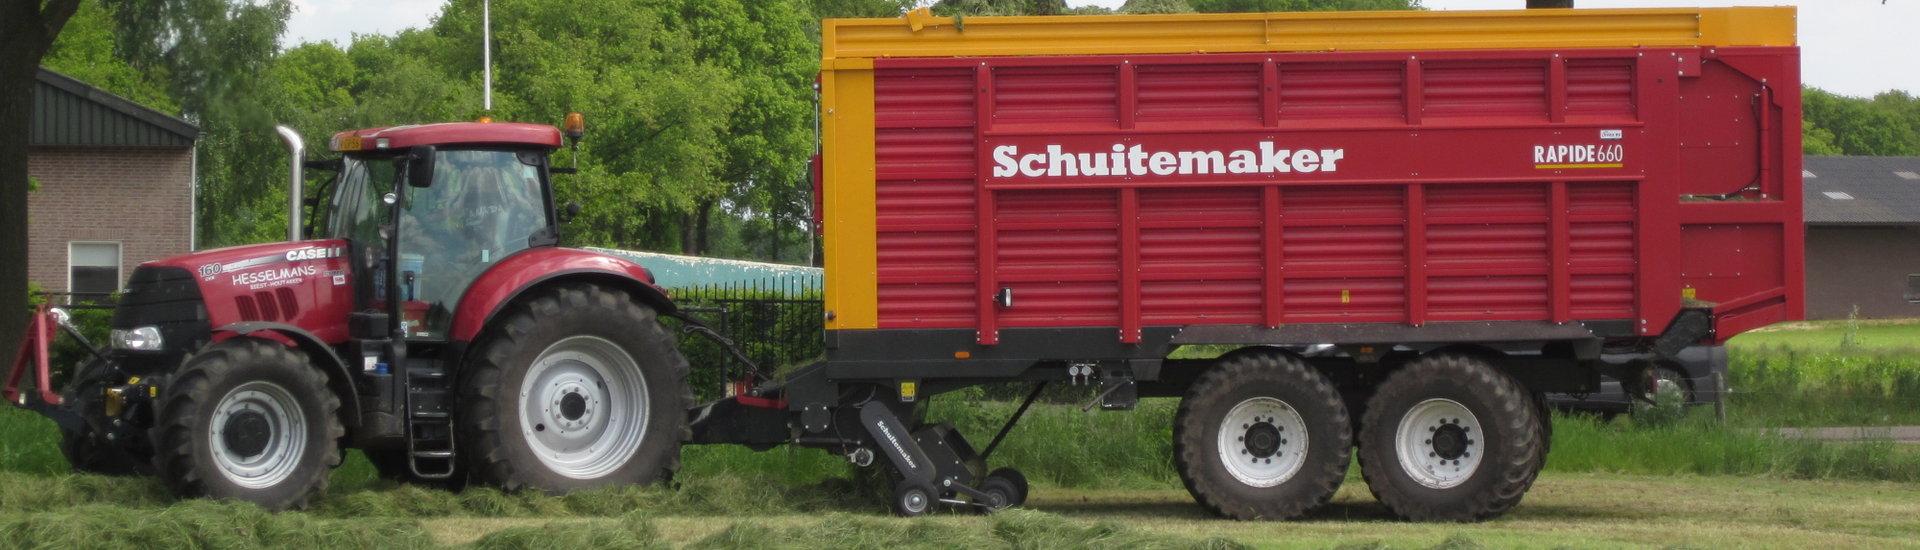 Schuitemaker Rapide foragewagon